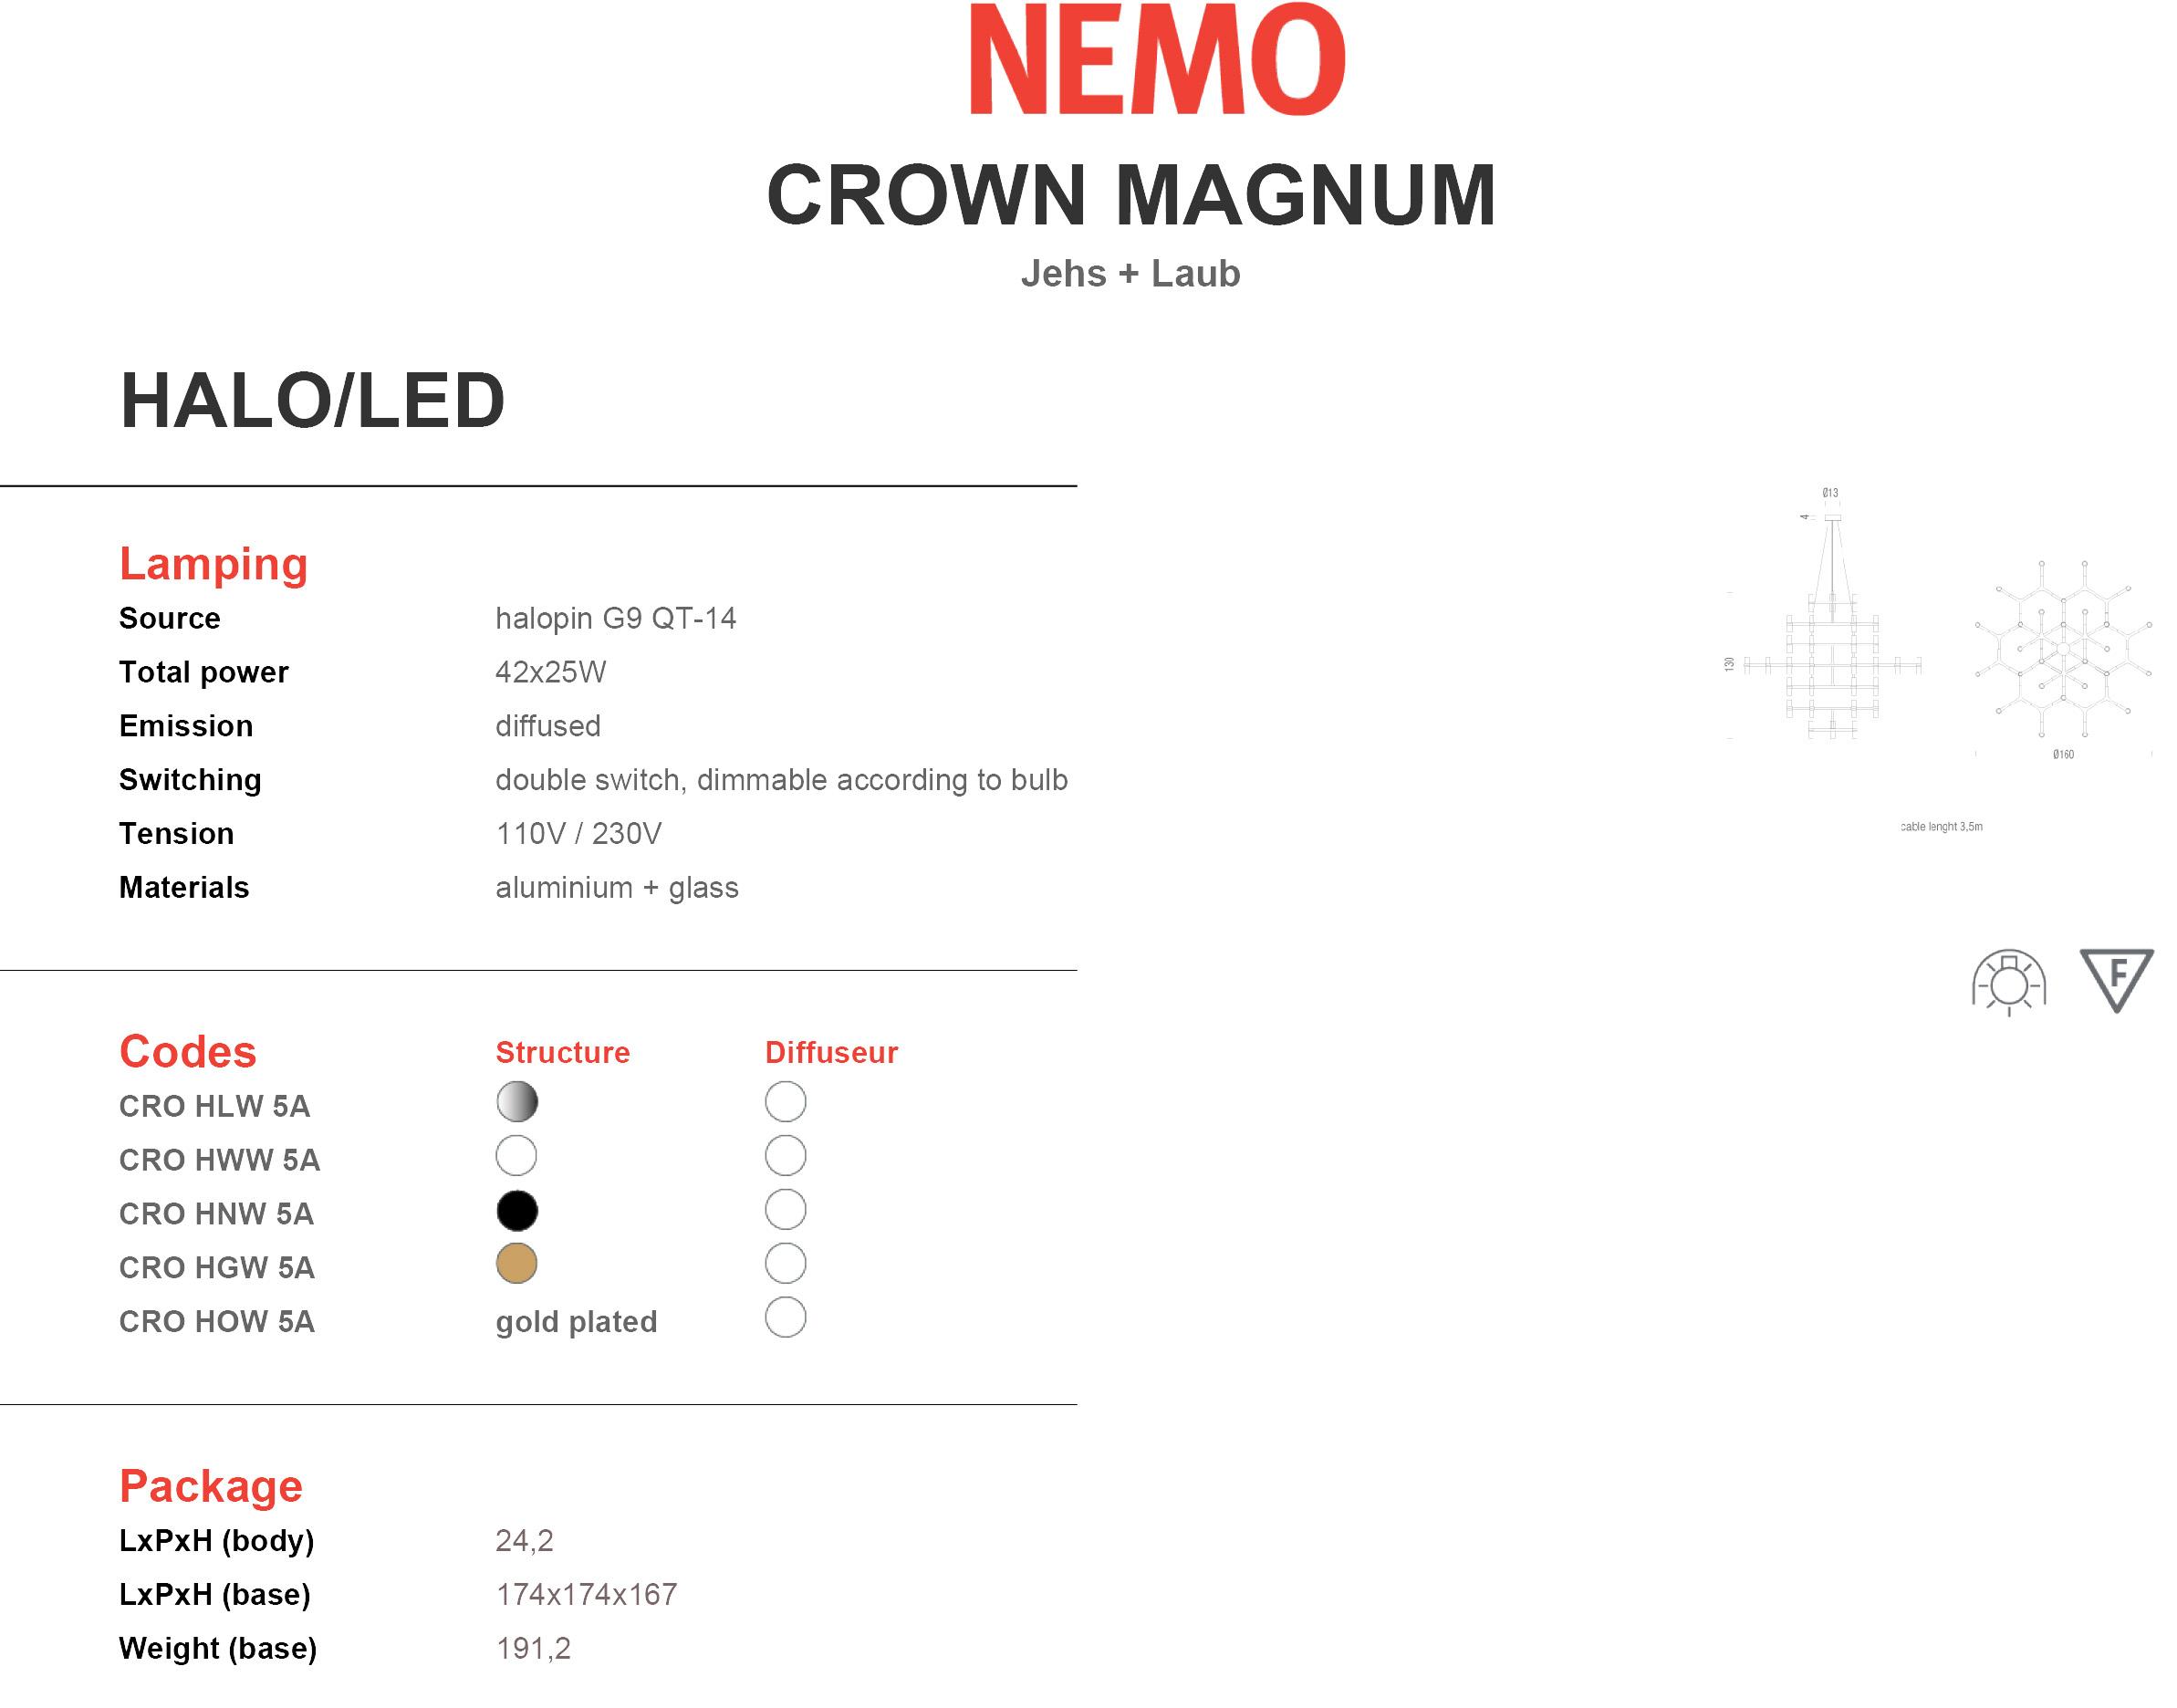 Nemo Crown Magnum Tech